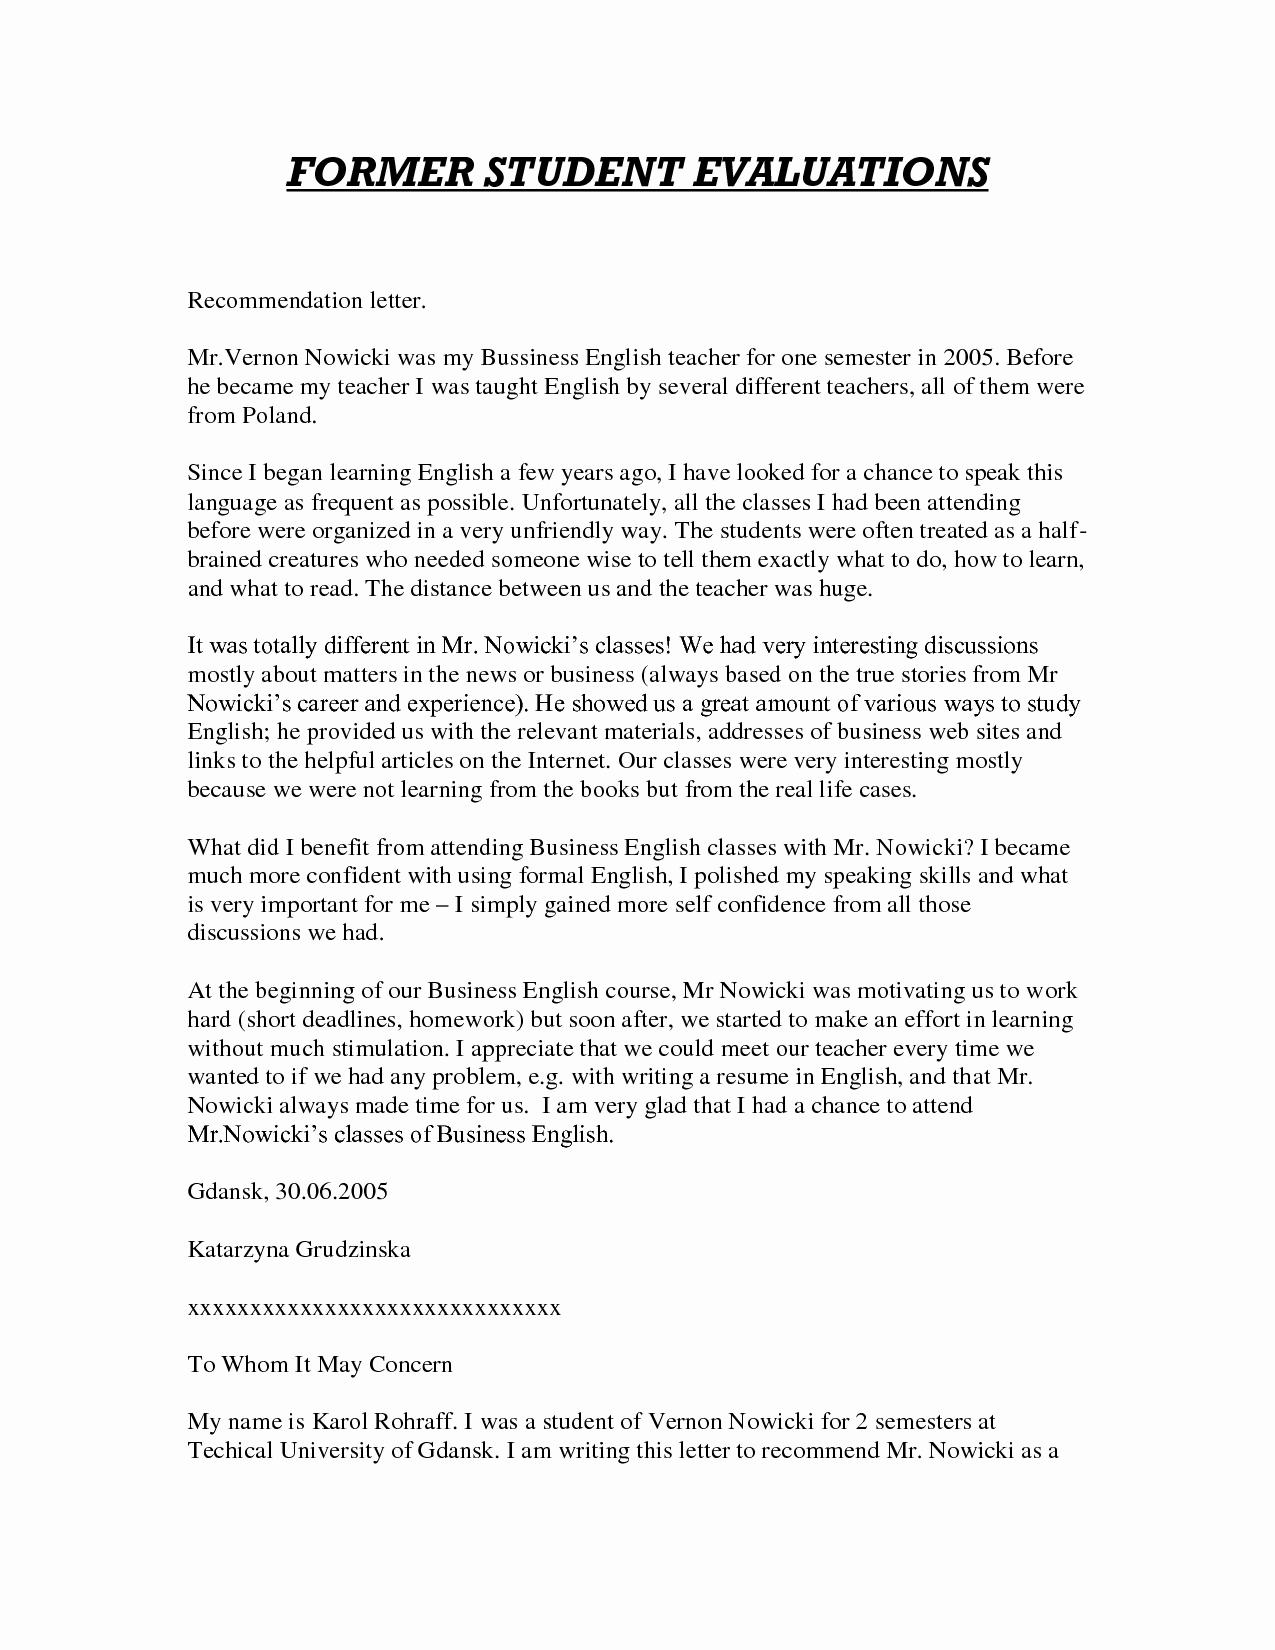 Sample Teacher Letter Of Recommendation Best Of Sample Letter Of Re Mendation for Teacher